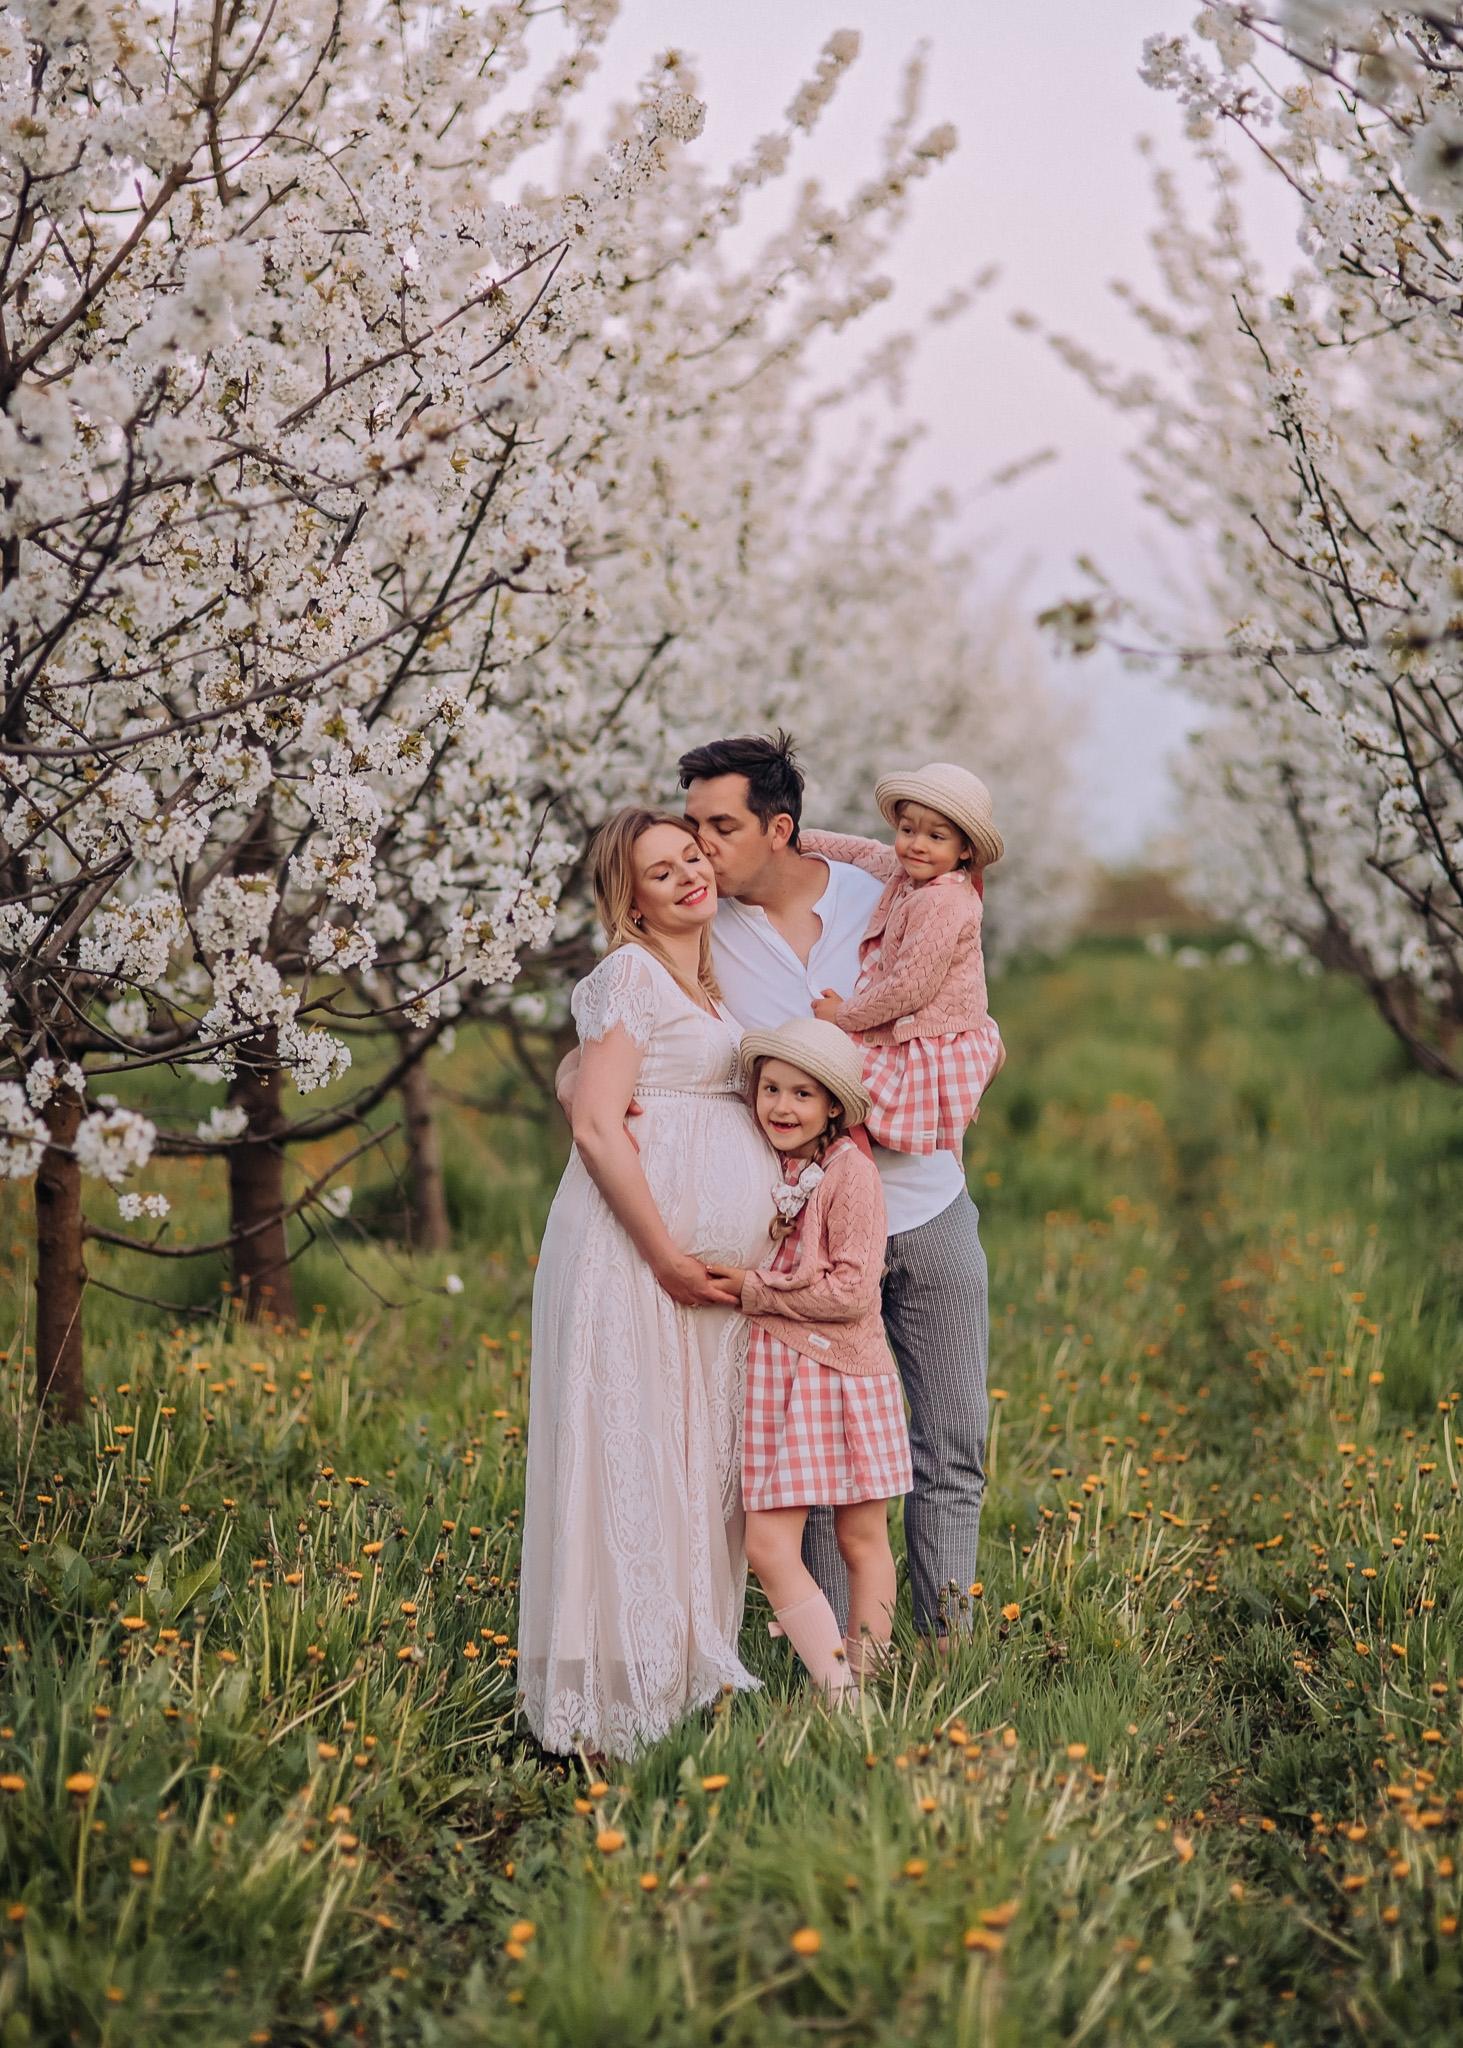 zdjęcia rodzinne w kwitnącym sadzie w plenerze wiosna